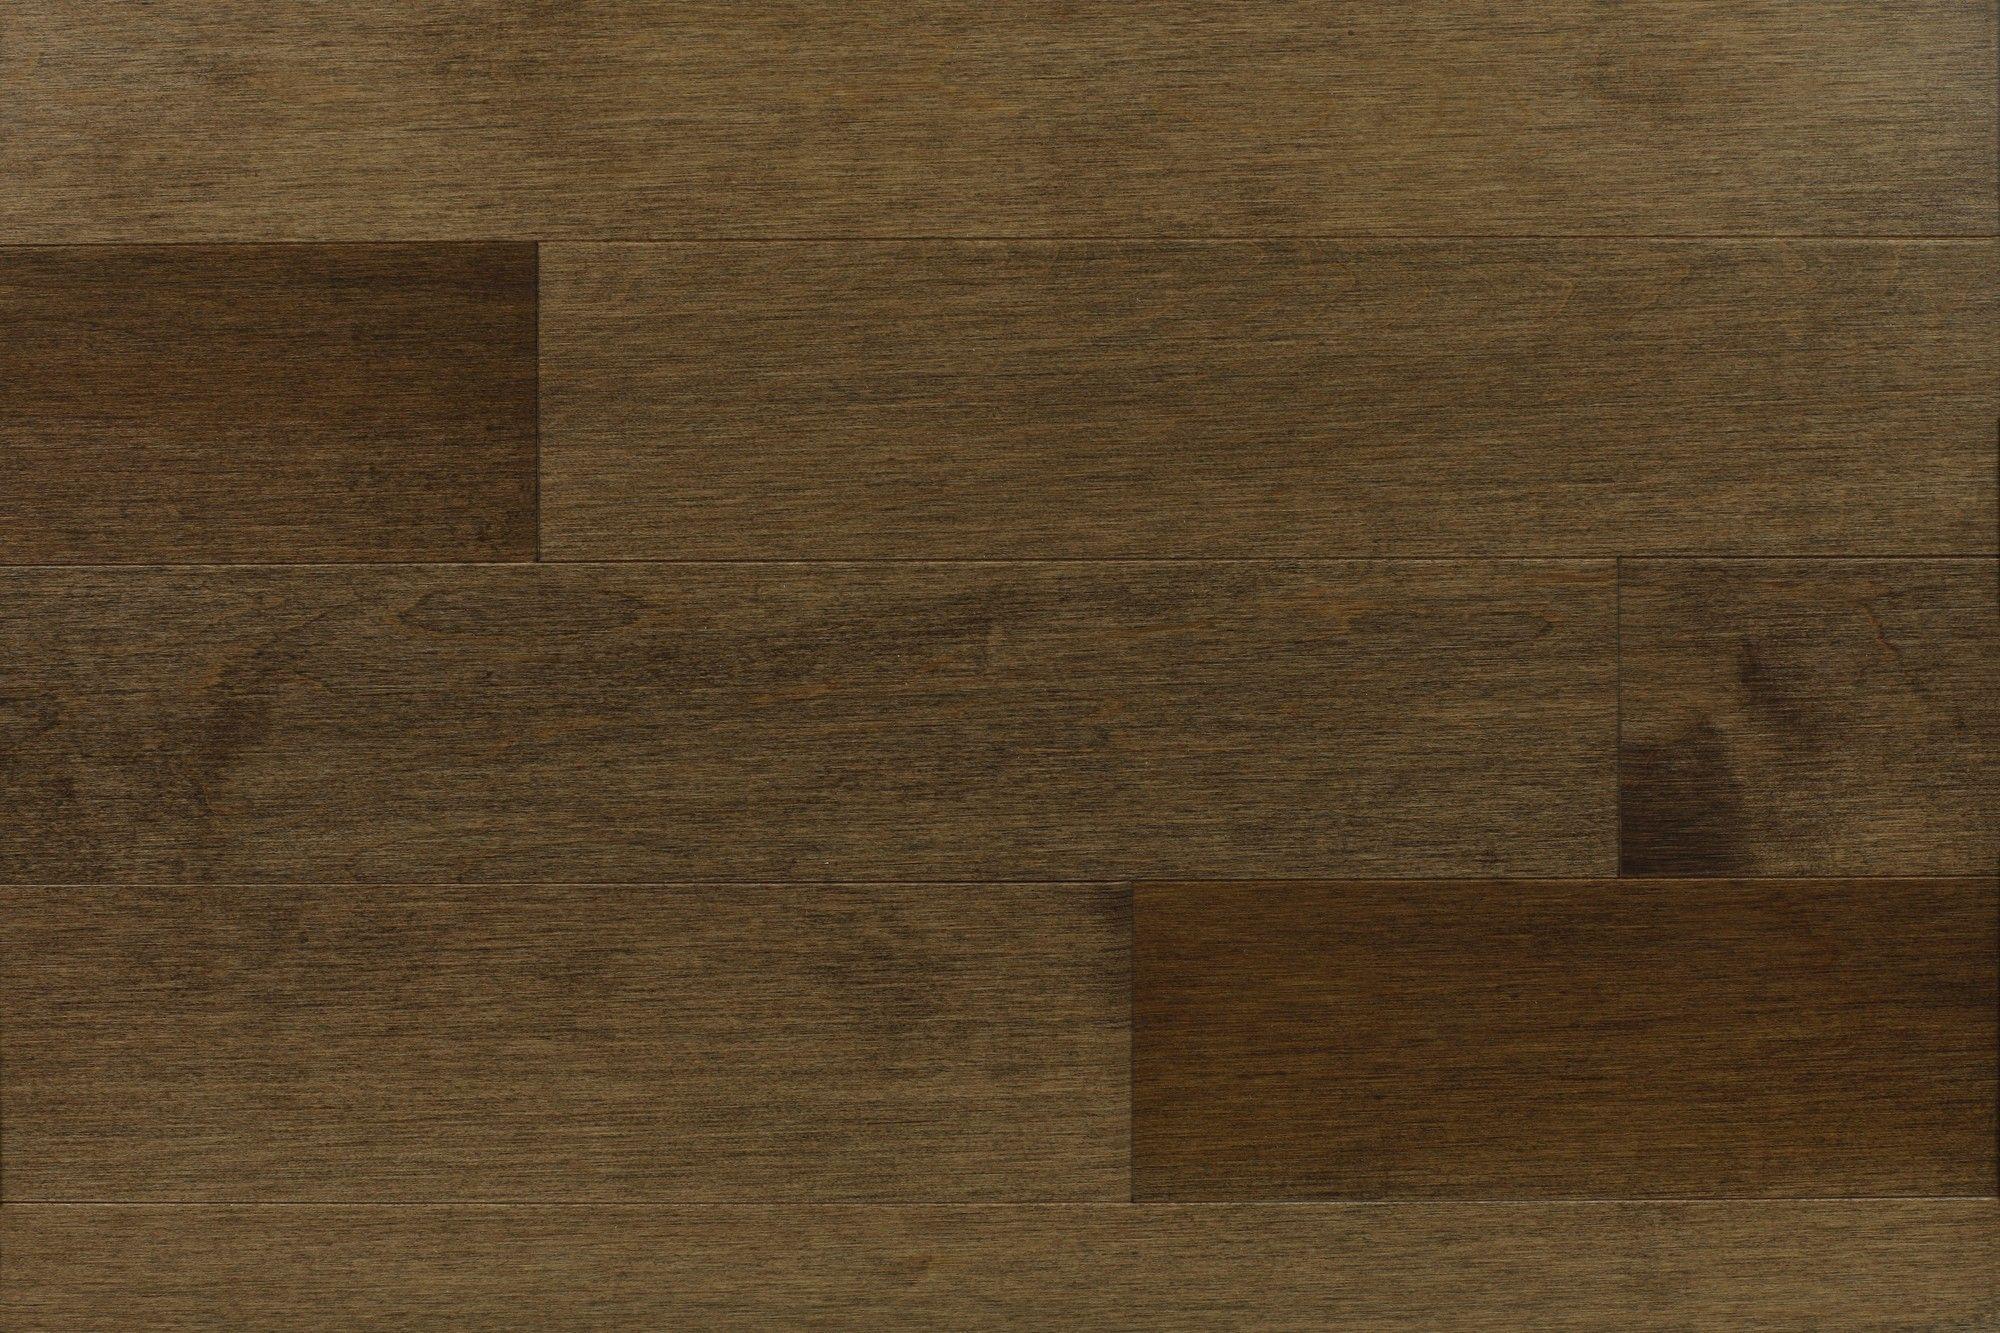 """Calvi 2-1/4"""" Solid Maple Hardwood Flooring in Pacific"""